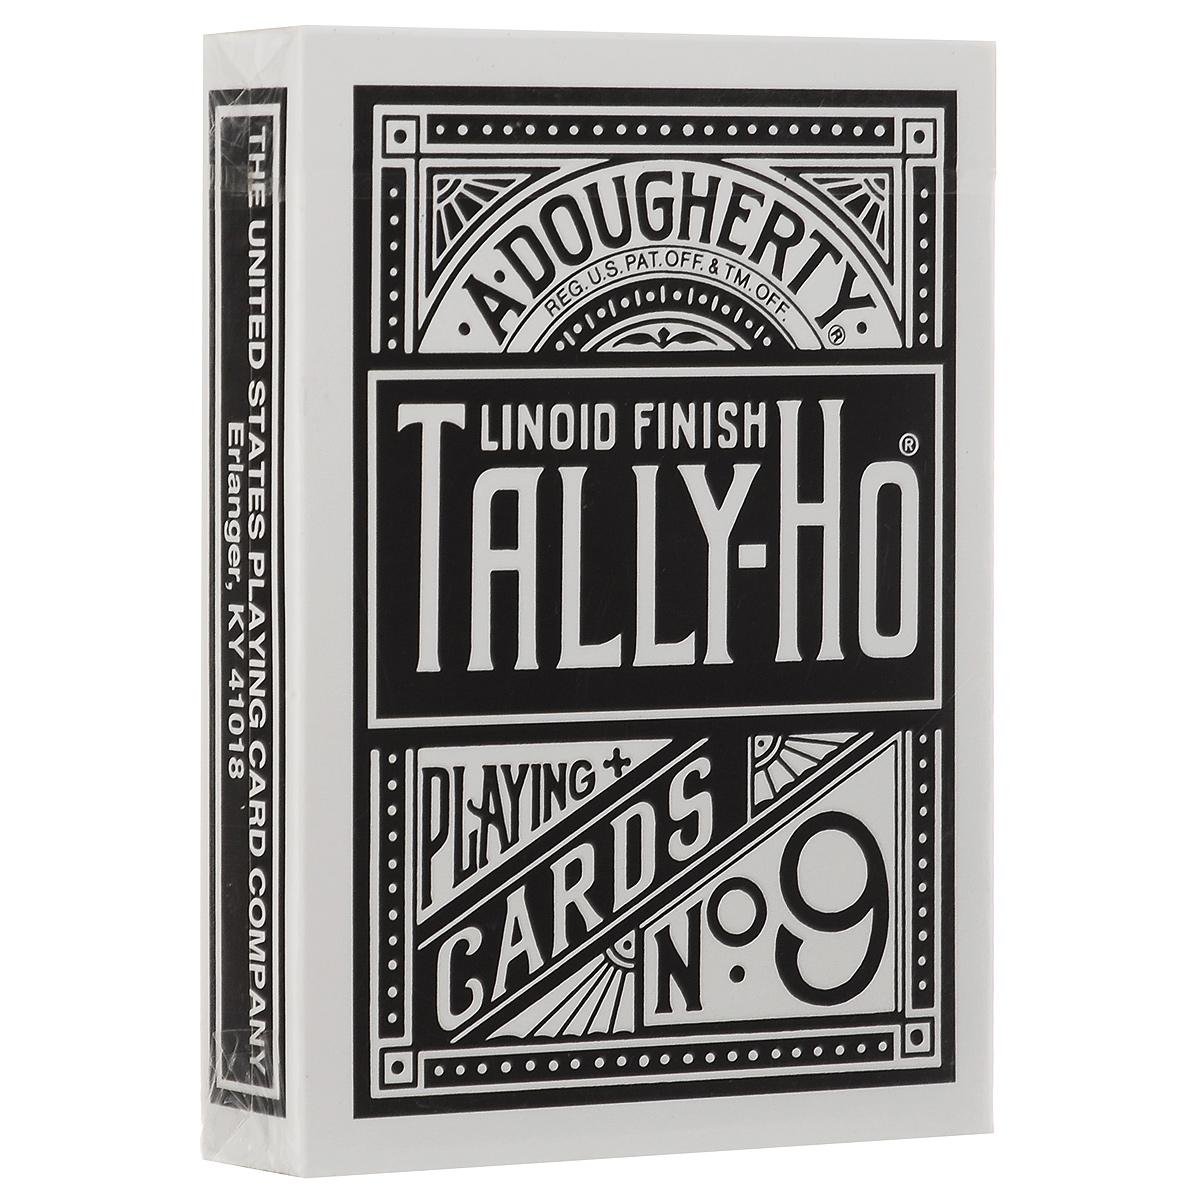 Игральные карты Tally-Ho Reverse Fan back, цвет: черныйК-064Карты Tally-Ho считаются самыми лучшими картами для слейтинга. Их великолепное качество высоко оценили лучшие карточные манипуляторы и фокусники. Это классические карты с полноцветной печатью. В комплекте две специальные карты (карта с пустым лицом и карта с изображением розы).